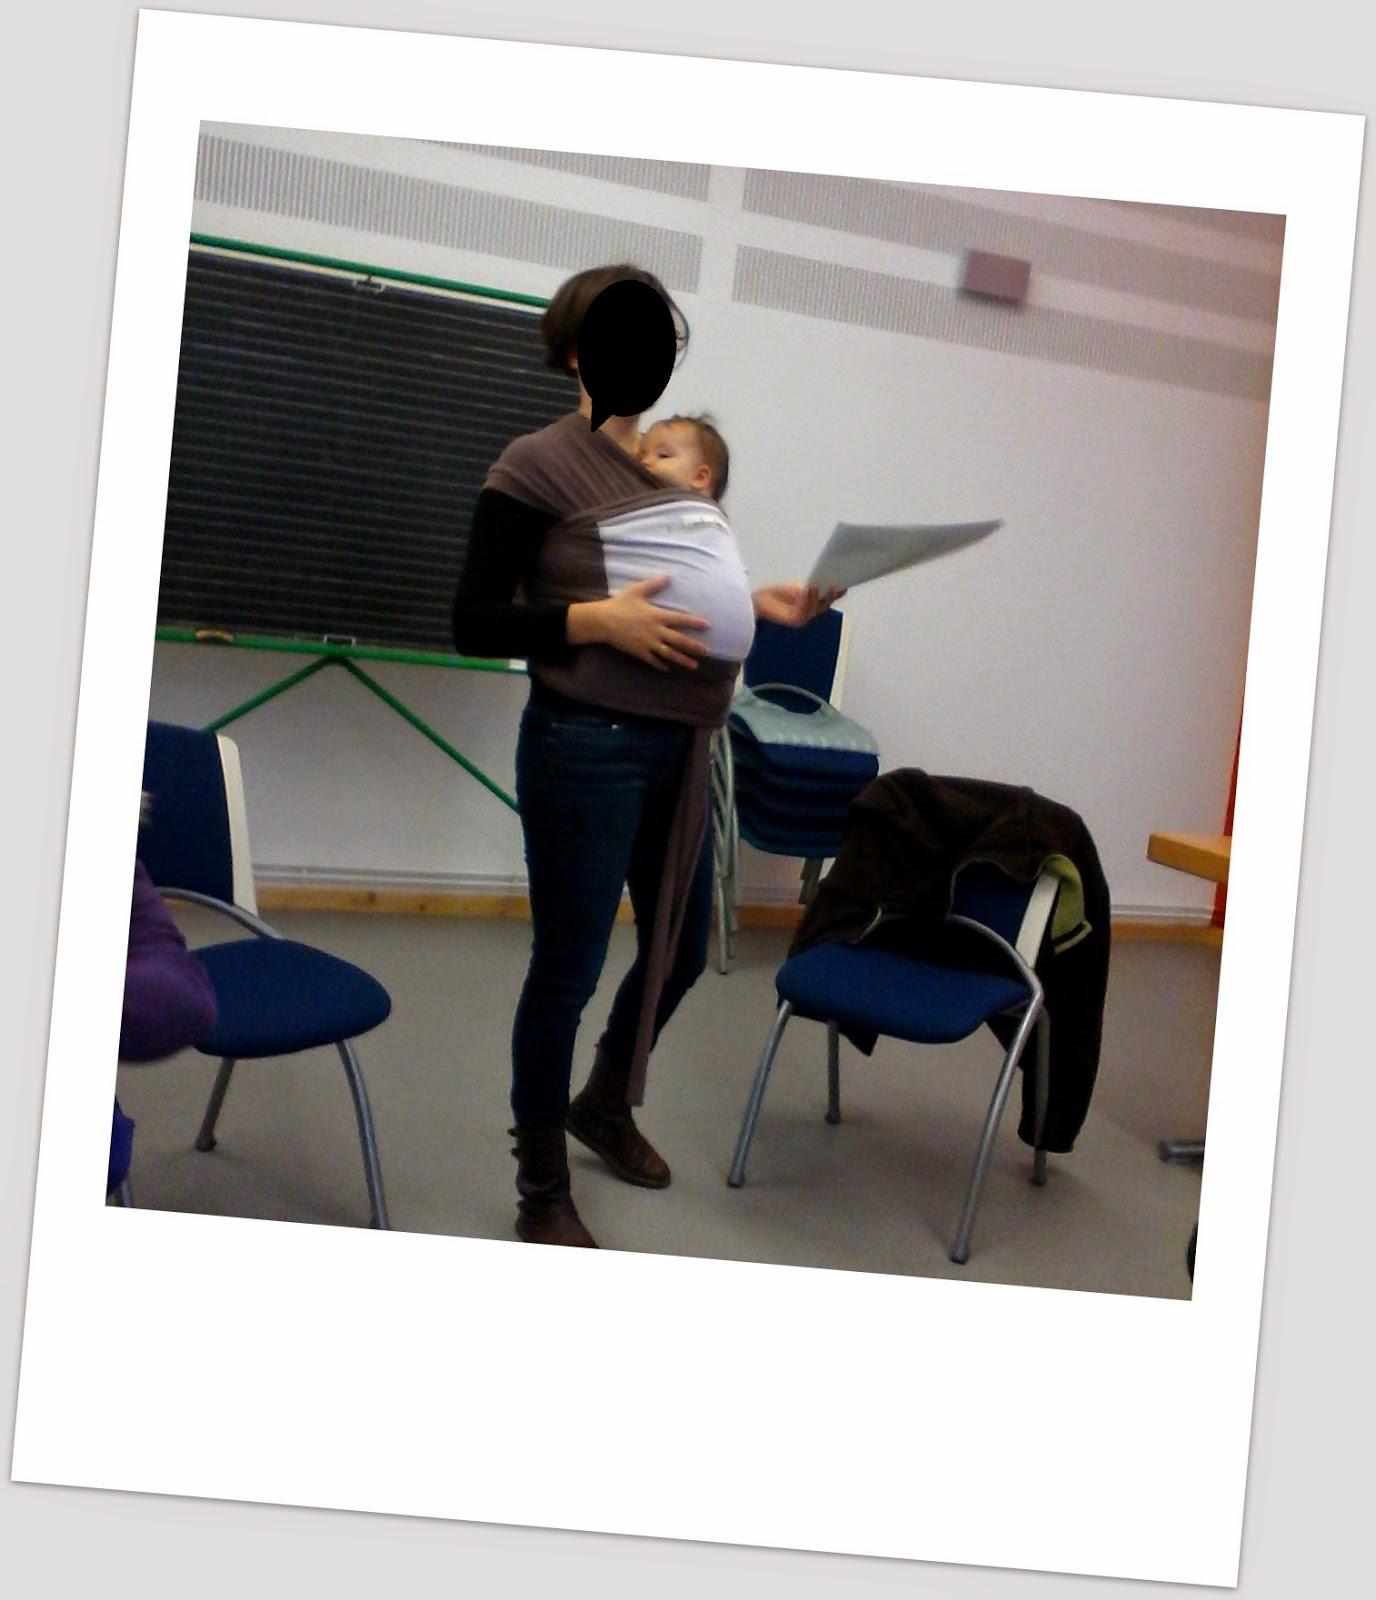 70b90c31b0ac LLL leche league réunion allaitement entraide soutien bénévole maternage  allaiter portage